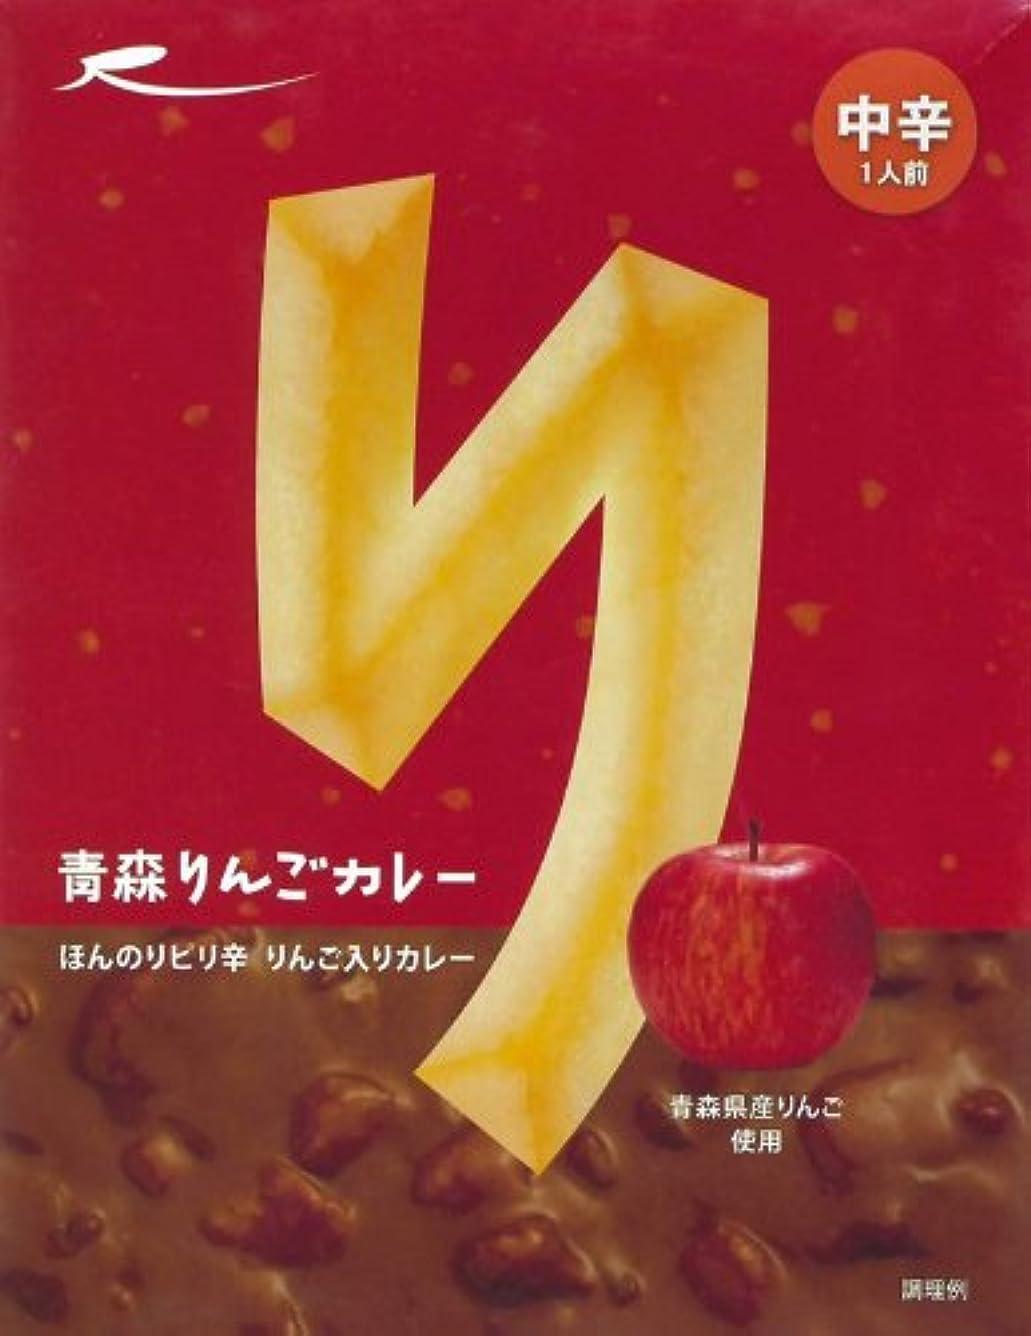 単独で神の教育者青森県産りんごの果肉たっぷり【青森りんごカレー】